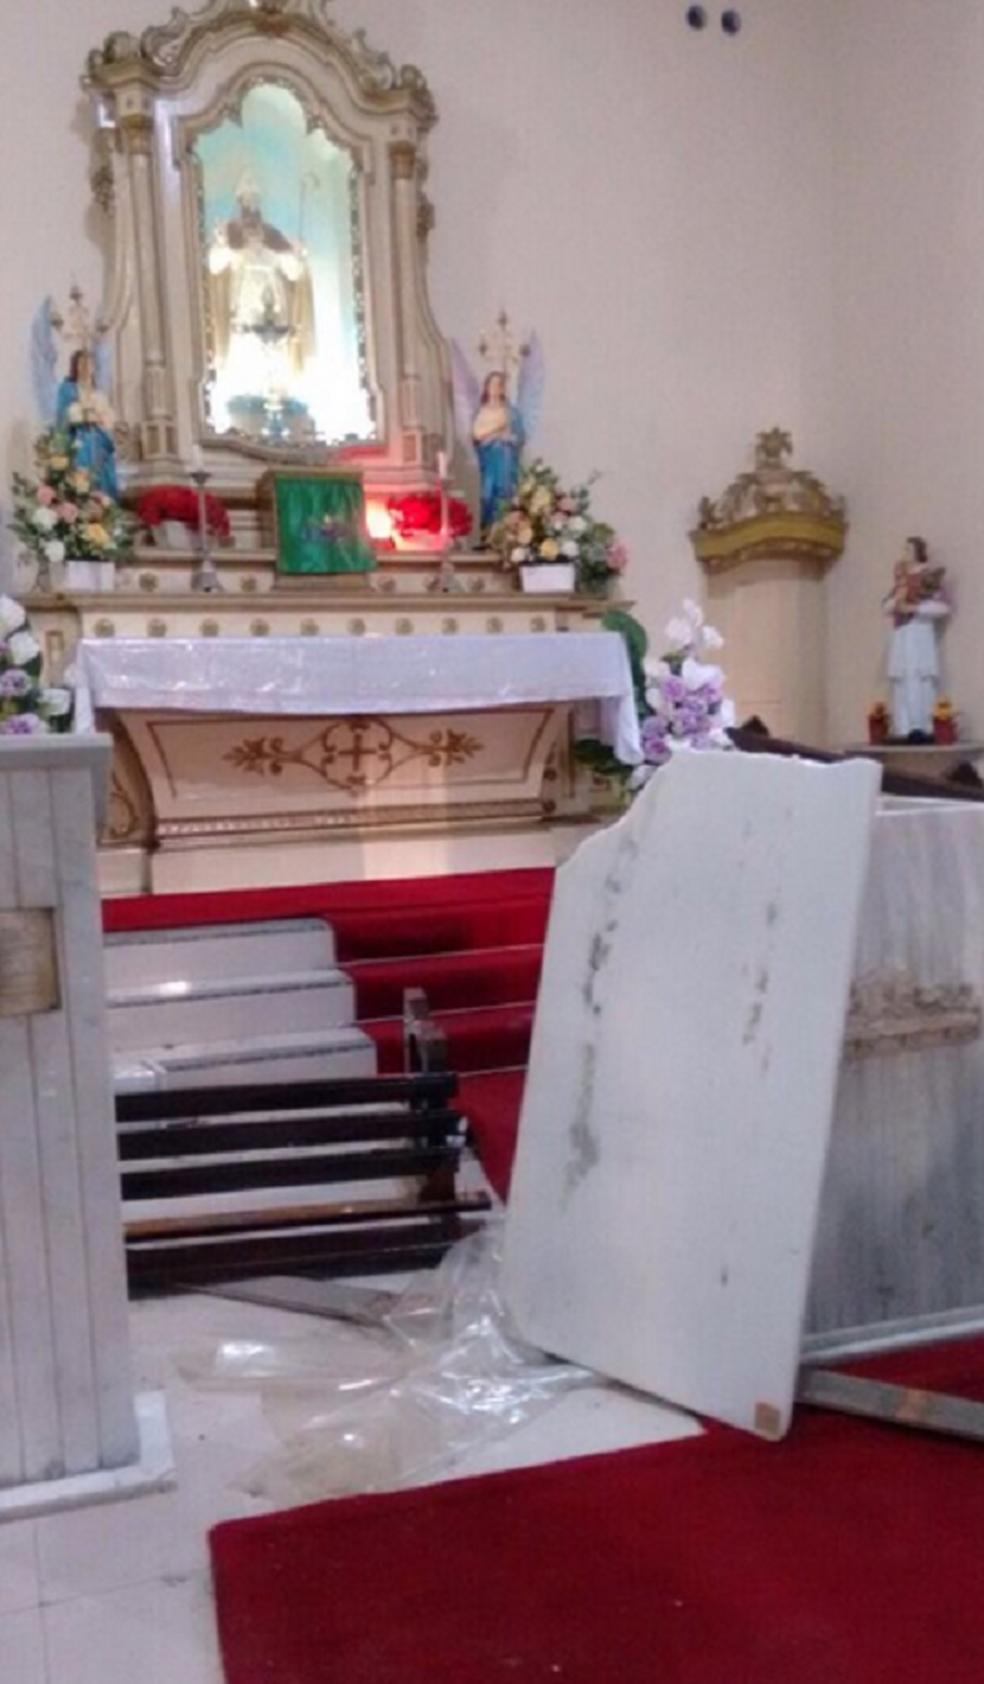 Suspeito quebrou o altar da capela. Administração diz que as invasões são frequentes. (Foto: Zoé Neto/Arquivo Pessoal)